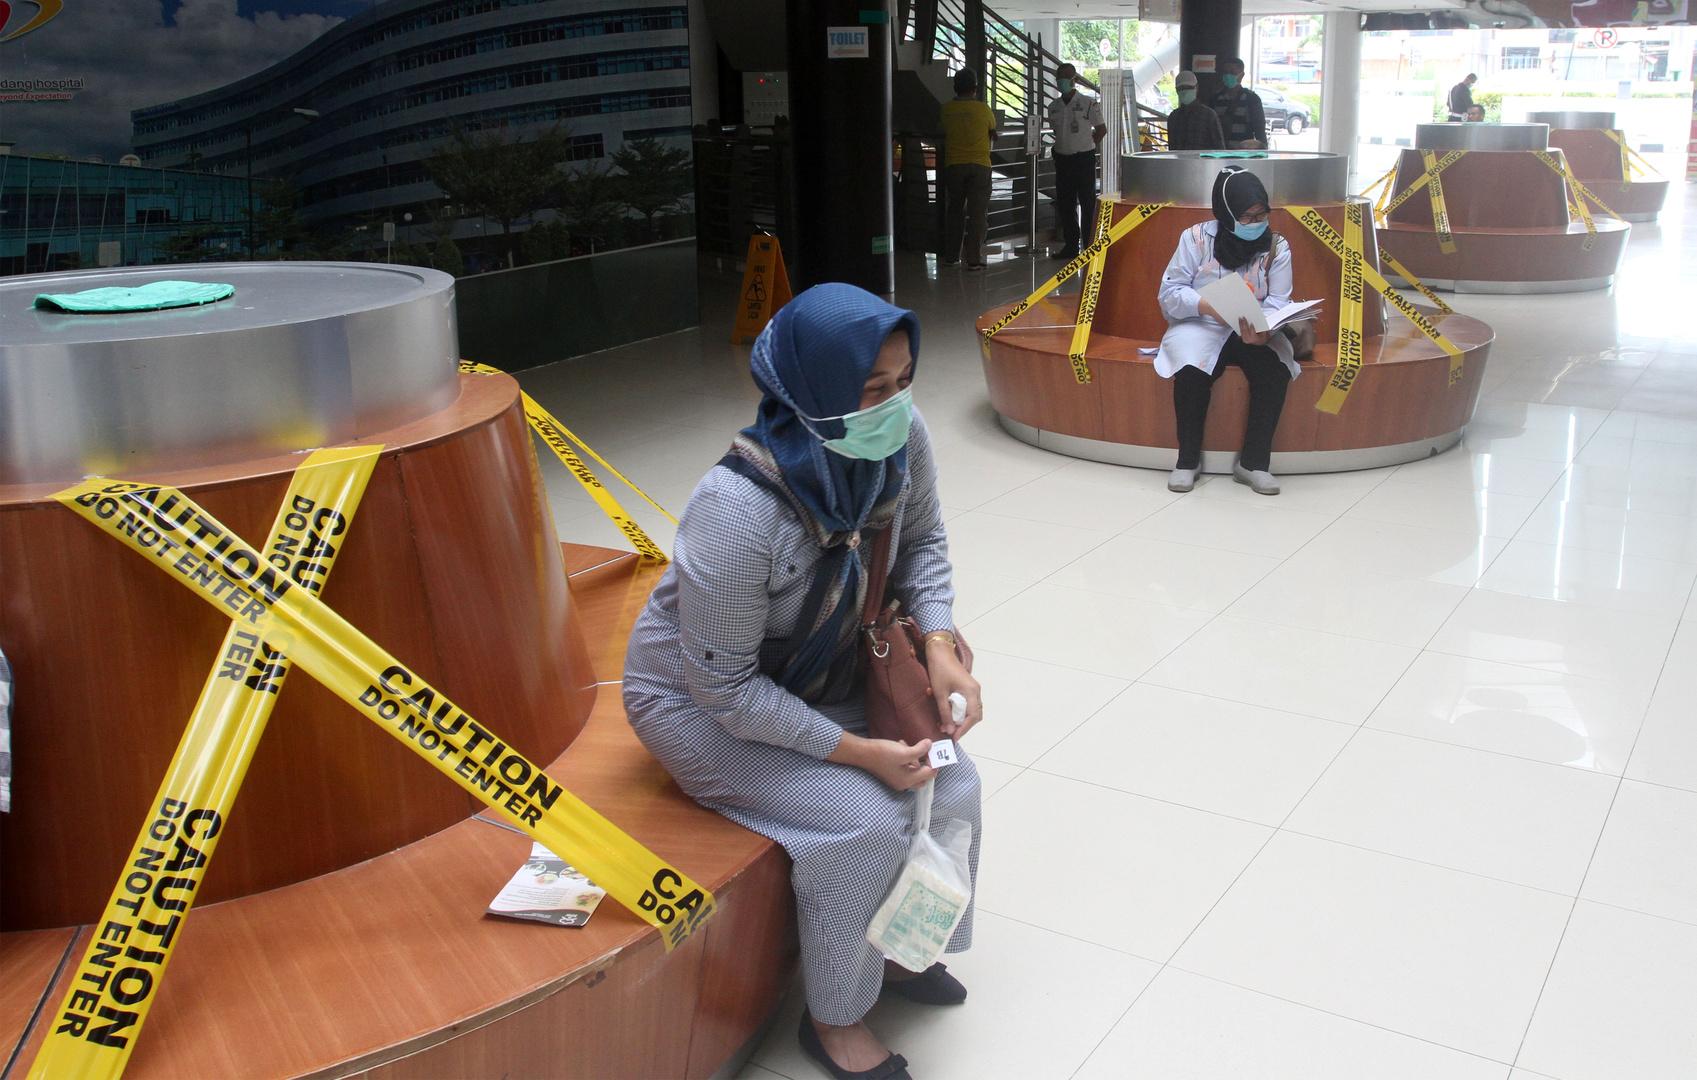 10 وفيات وأكثر من 200 إصابة جديدة بكورونا في إندونيسيا وماليزيا وسنغافورة